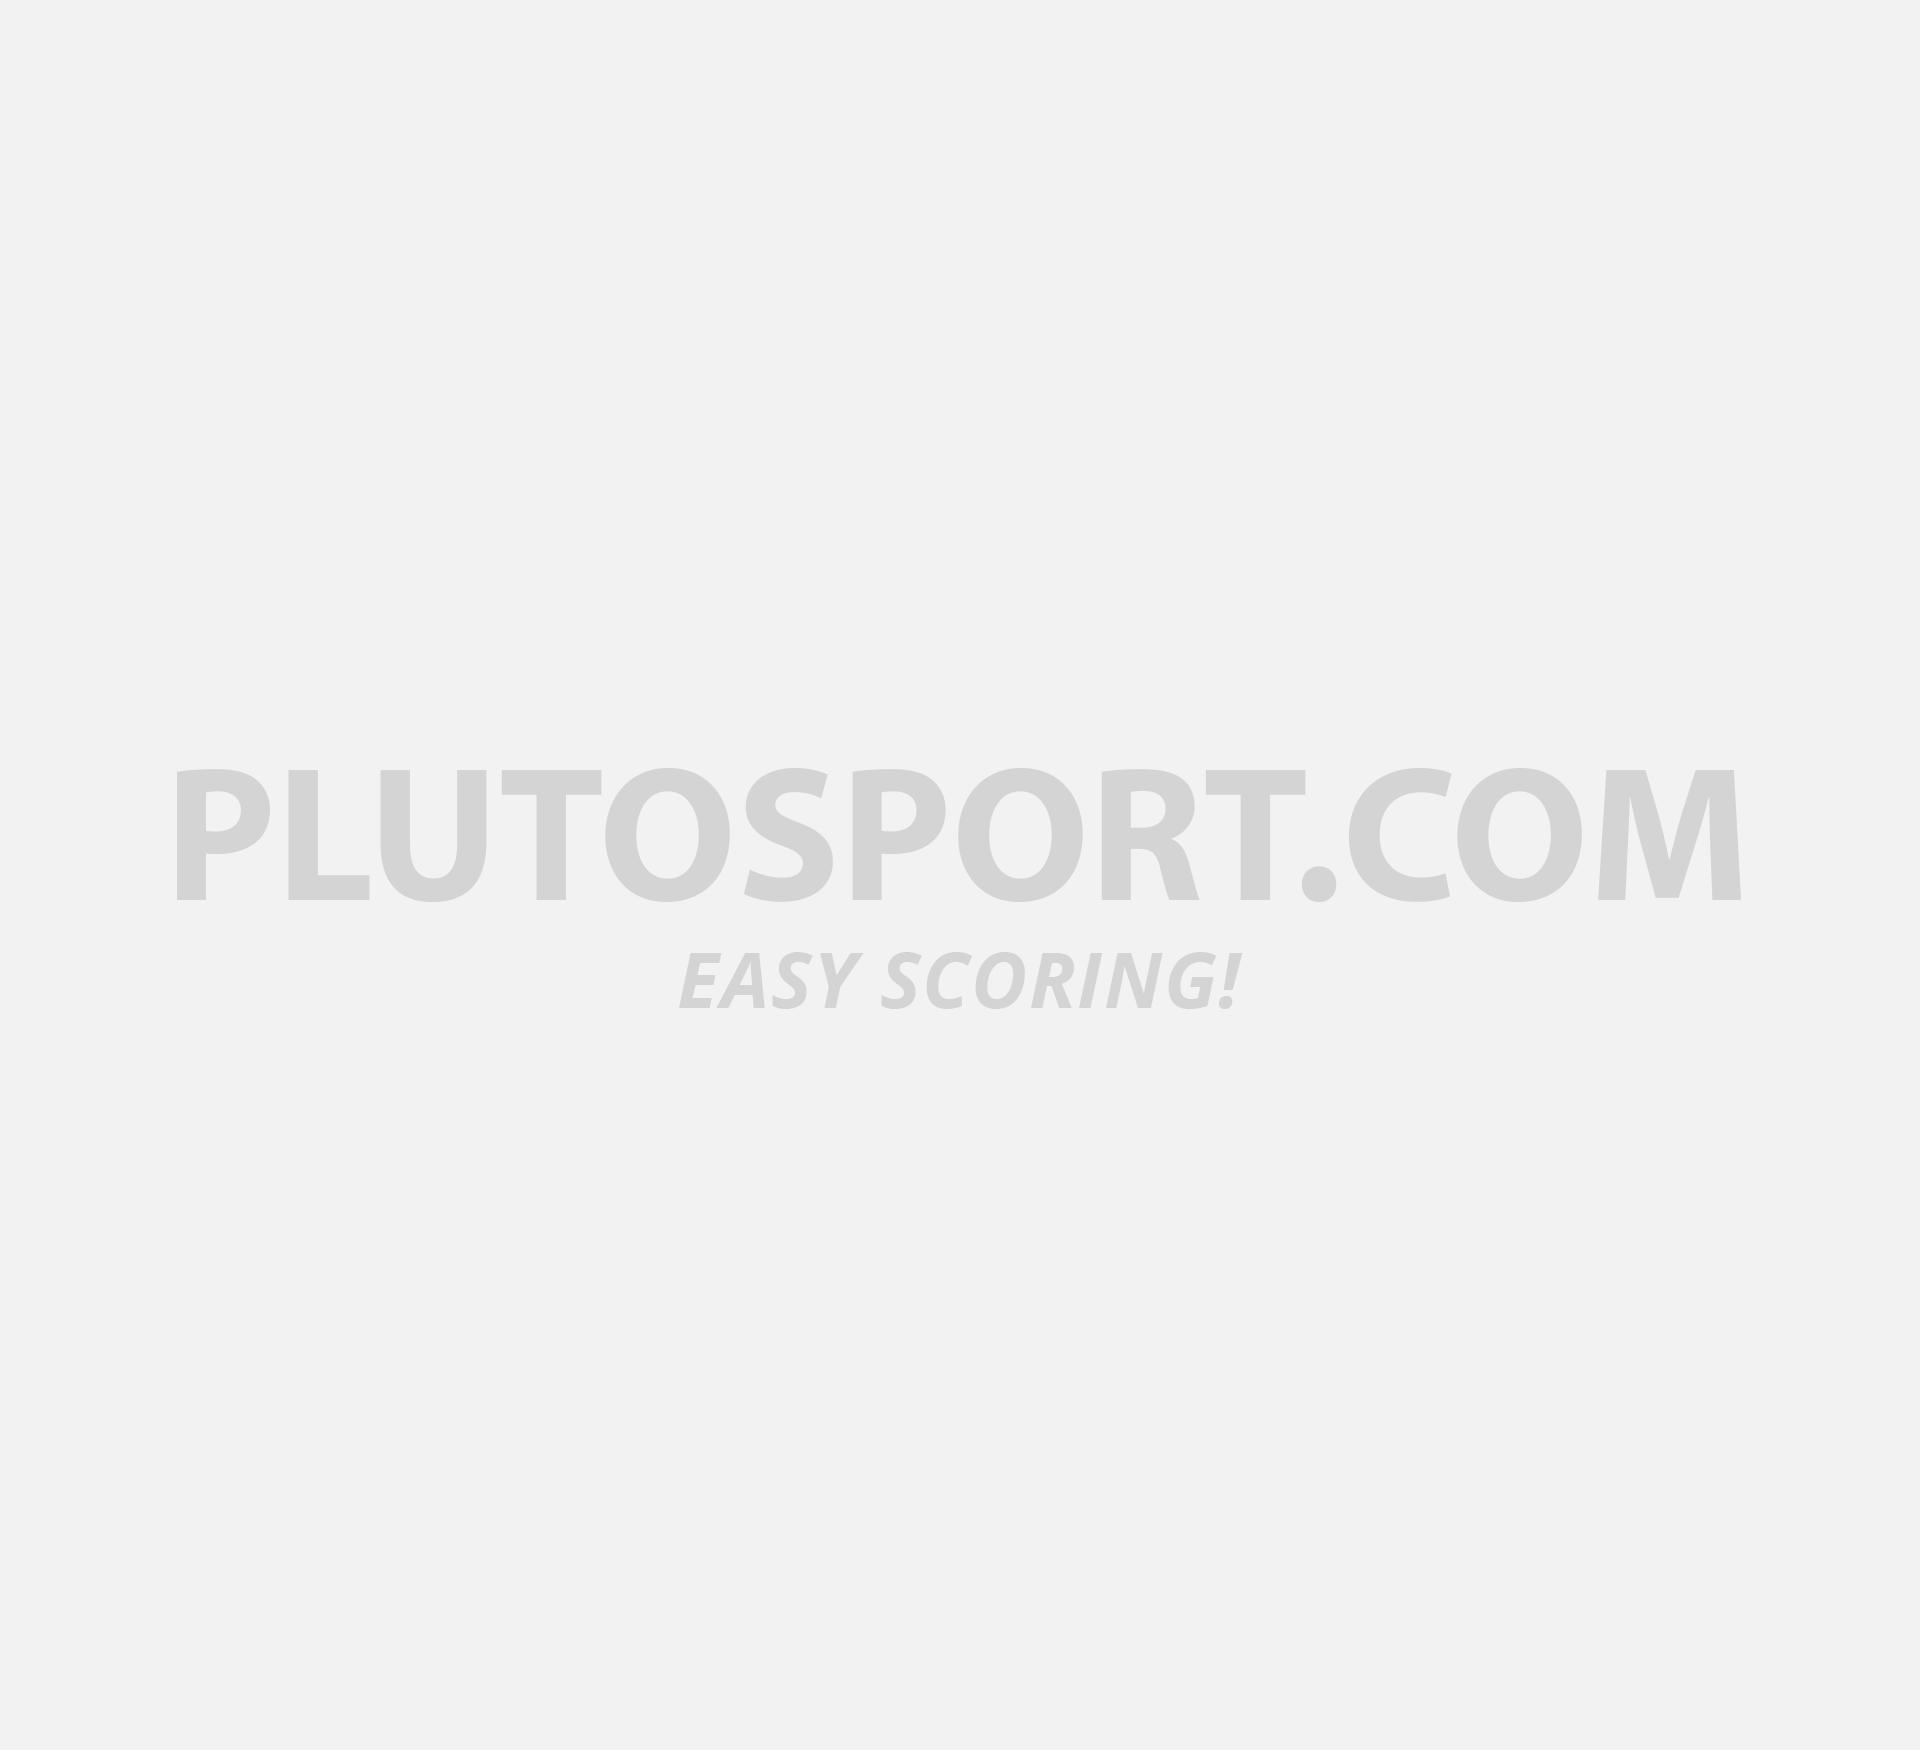 61ff5c9e0020 Mizuno Wave Nexus 5 Runningshoe Women's - Overpronation - Shoes ...